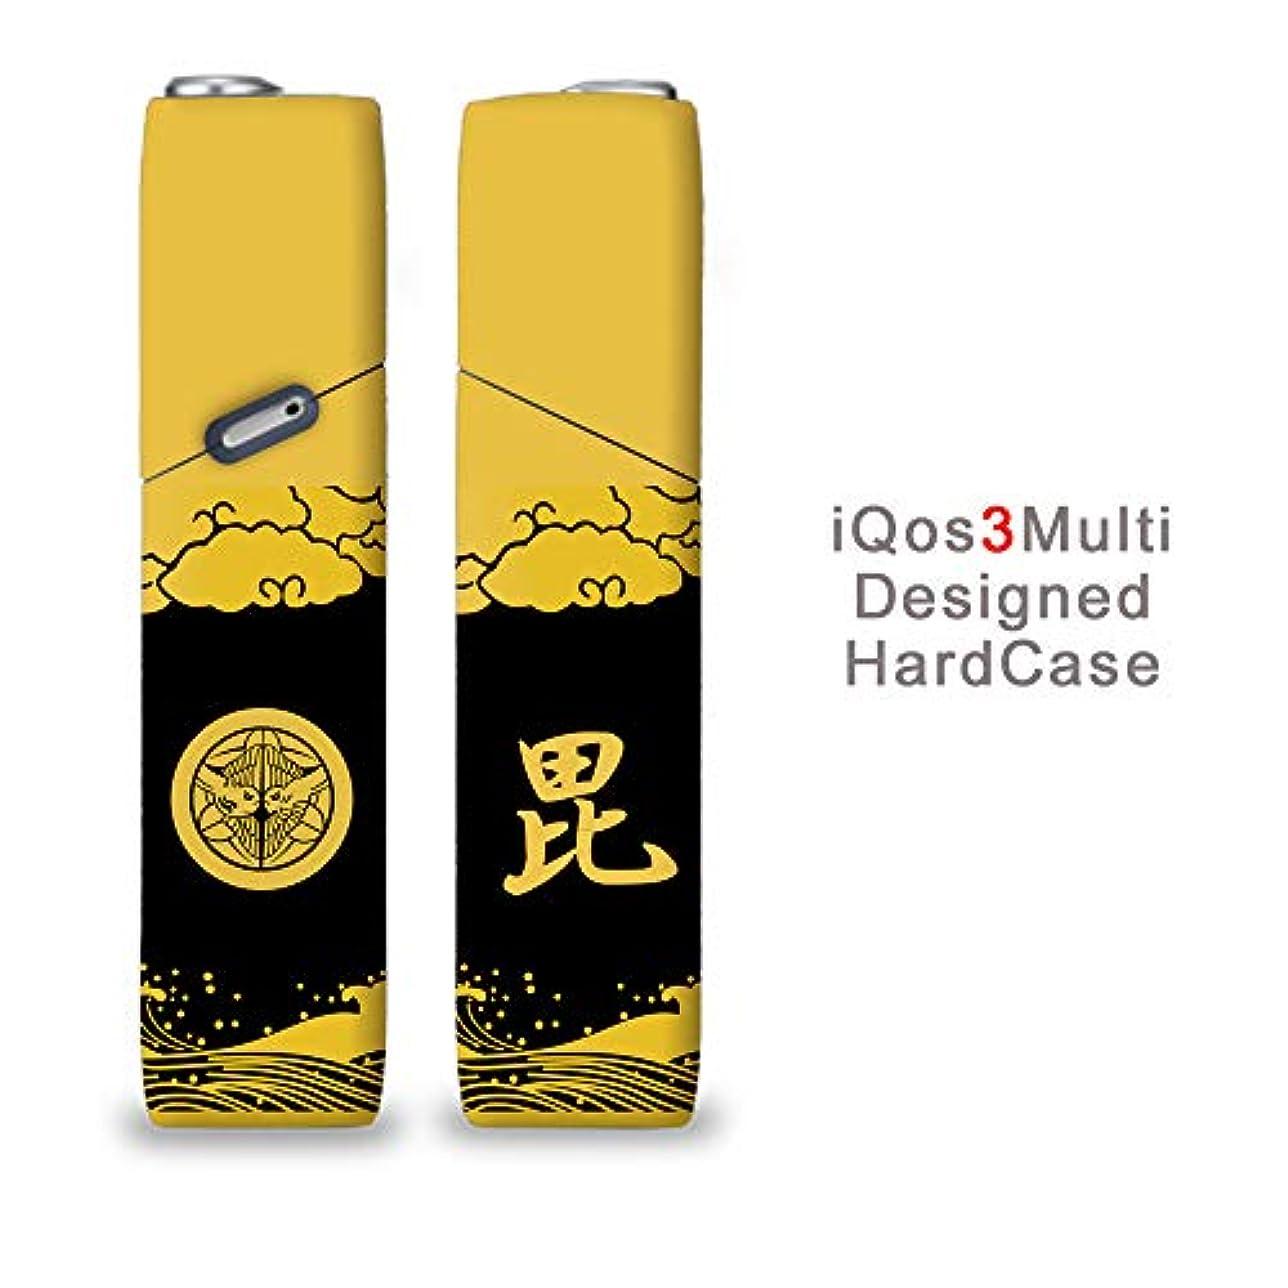 伝えるあまりにも敵対的完全国内受注生産 iQOS3マルチ用 アイコス3マルチ用 熱転写全面印刷 家紋 上杉謙信 加熱式タバコ 電子タバコ 禁煙サポート アクセサリー プラスティックケース ハードケース 日本製